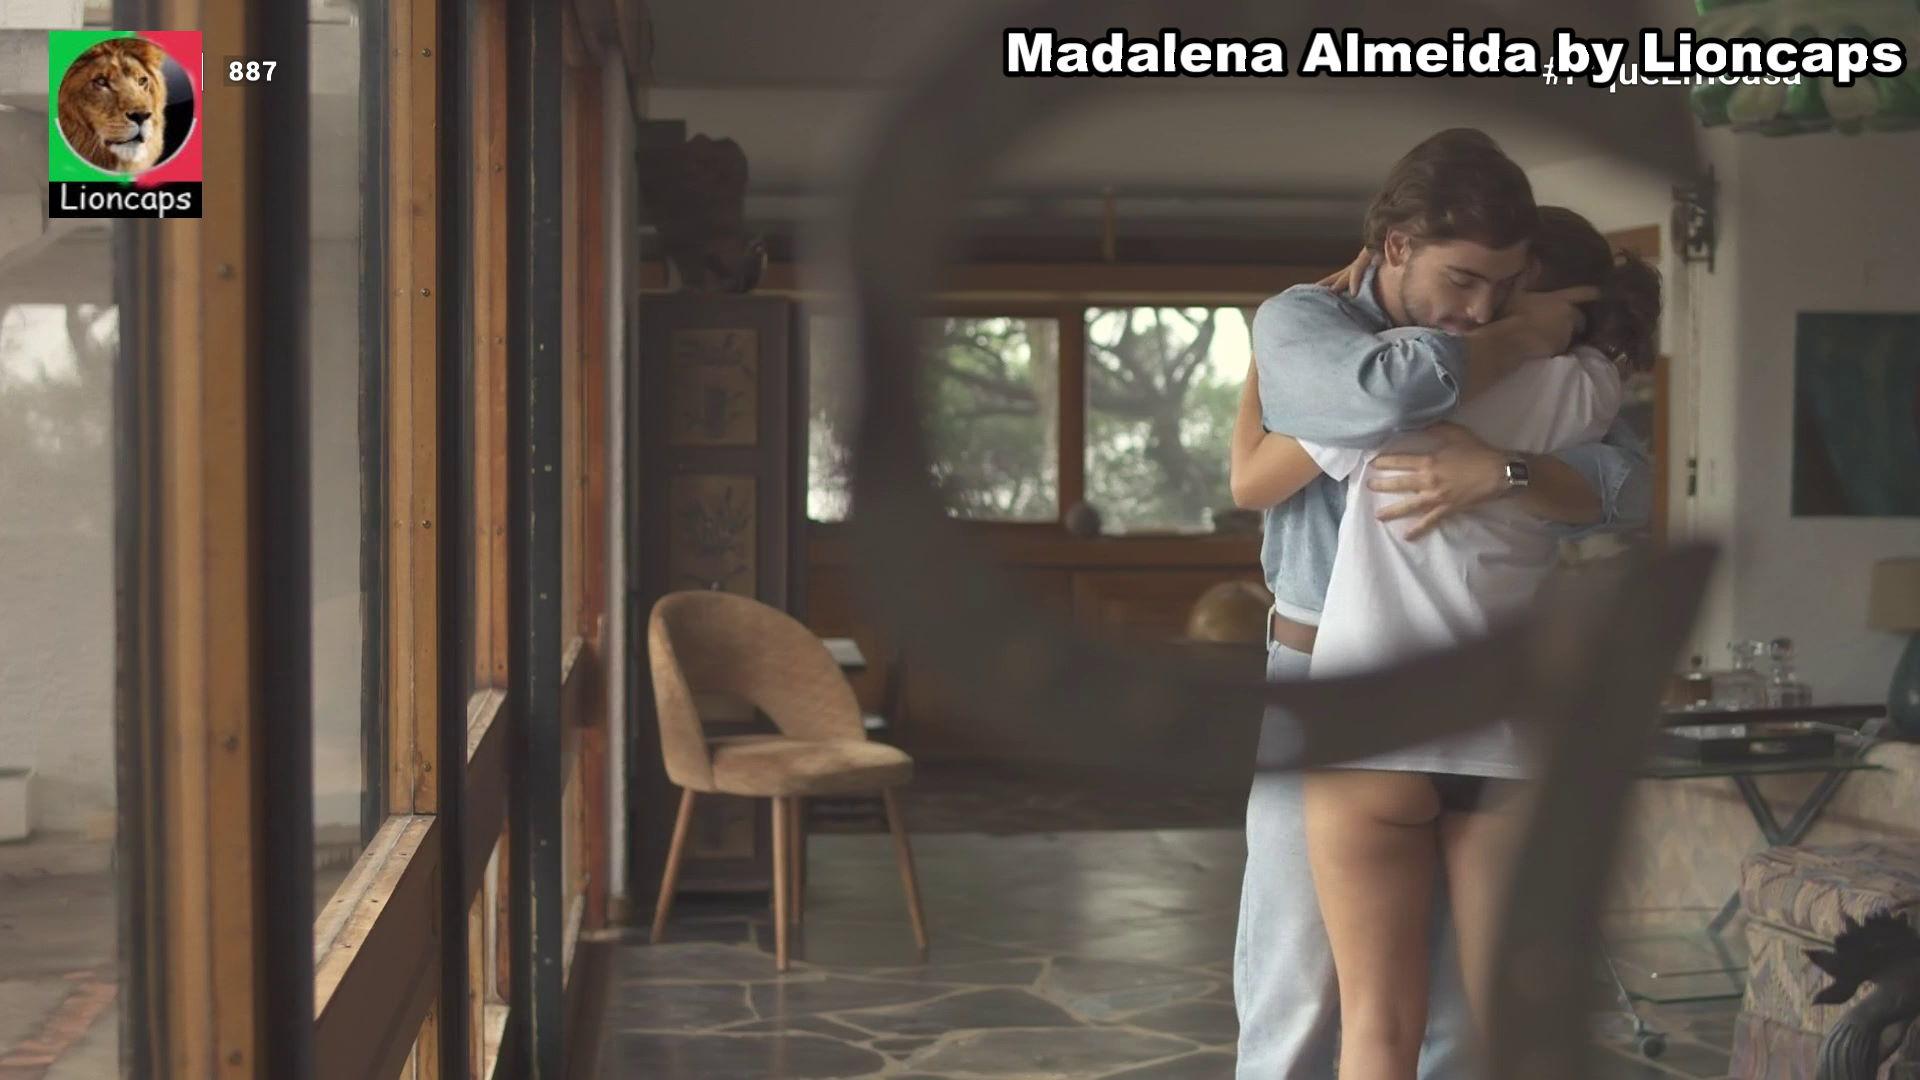 044983496_madalena_almeida_vs200324_0098_122_22lo.JPG